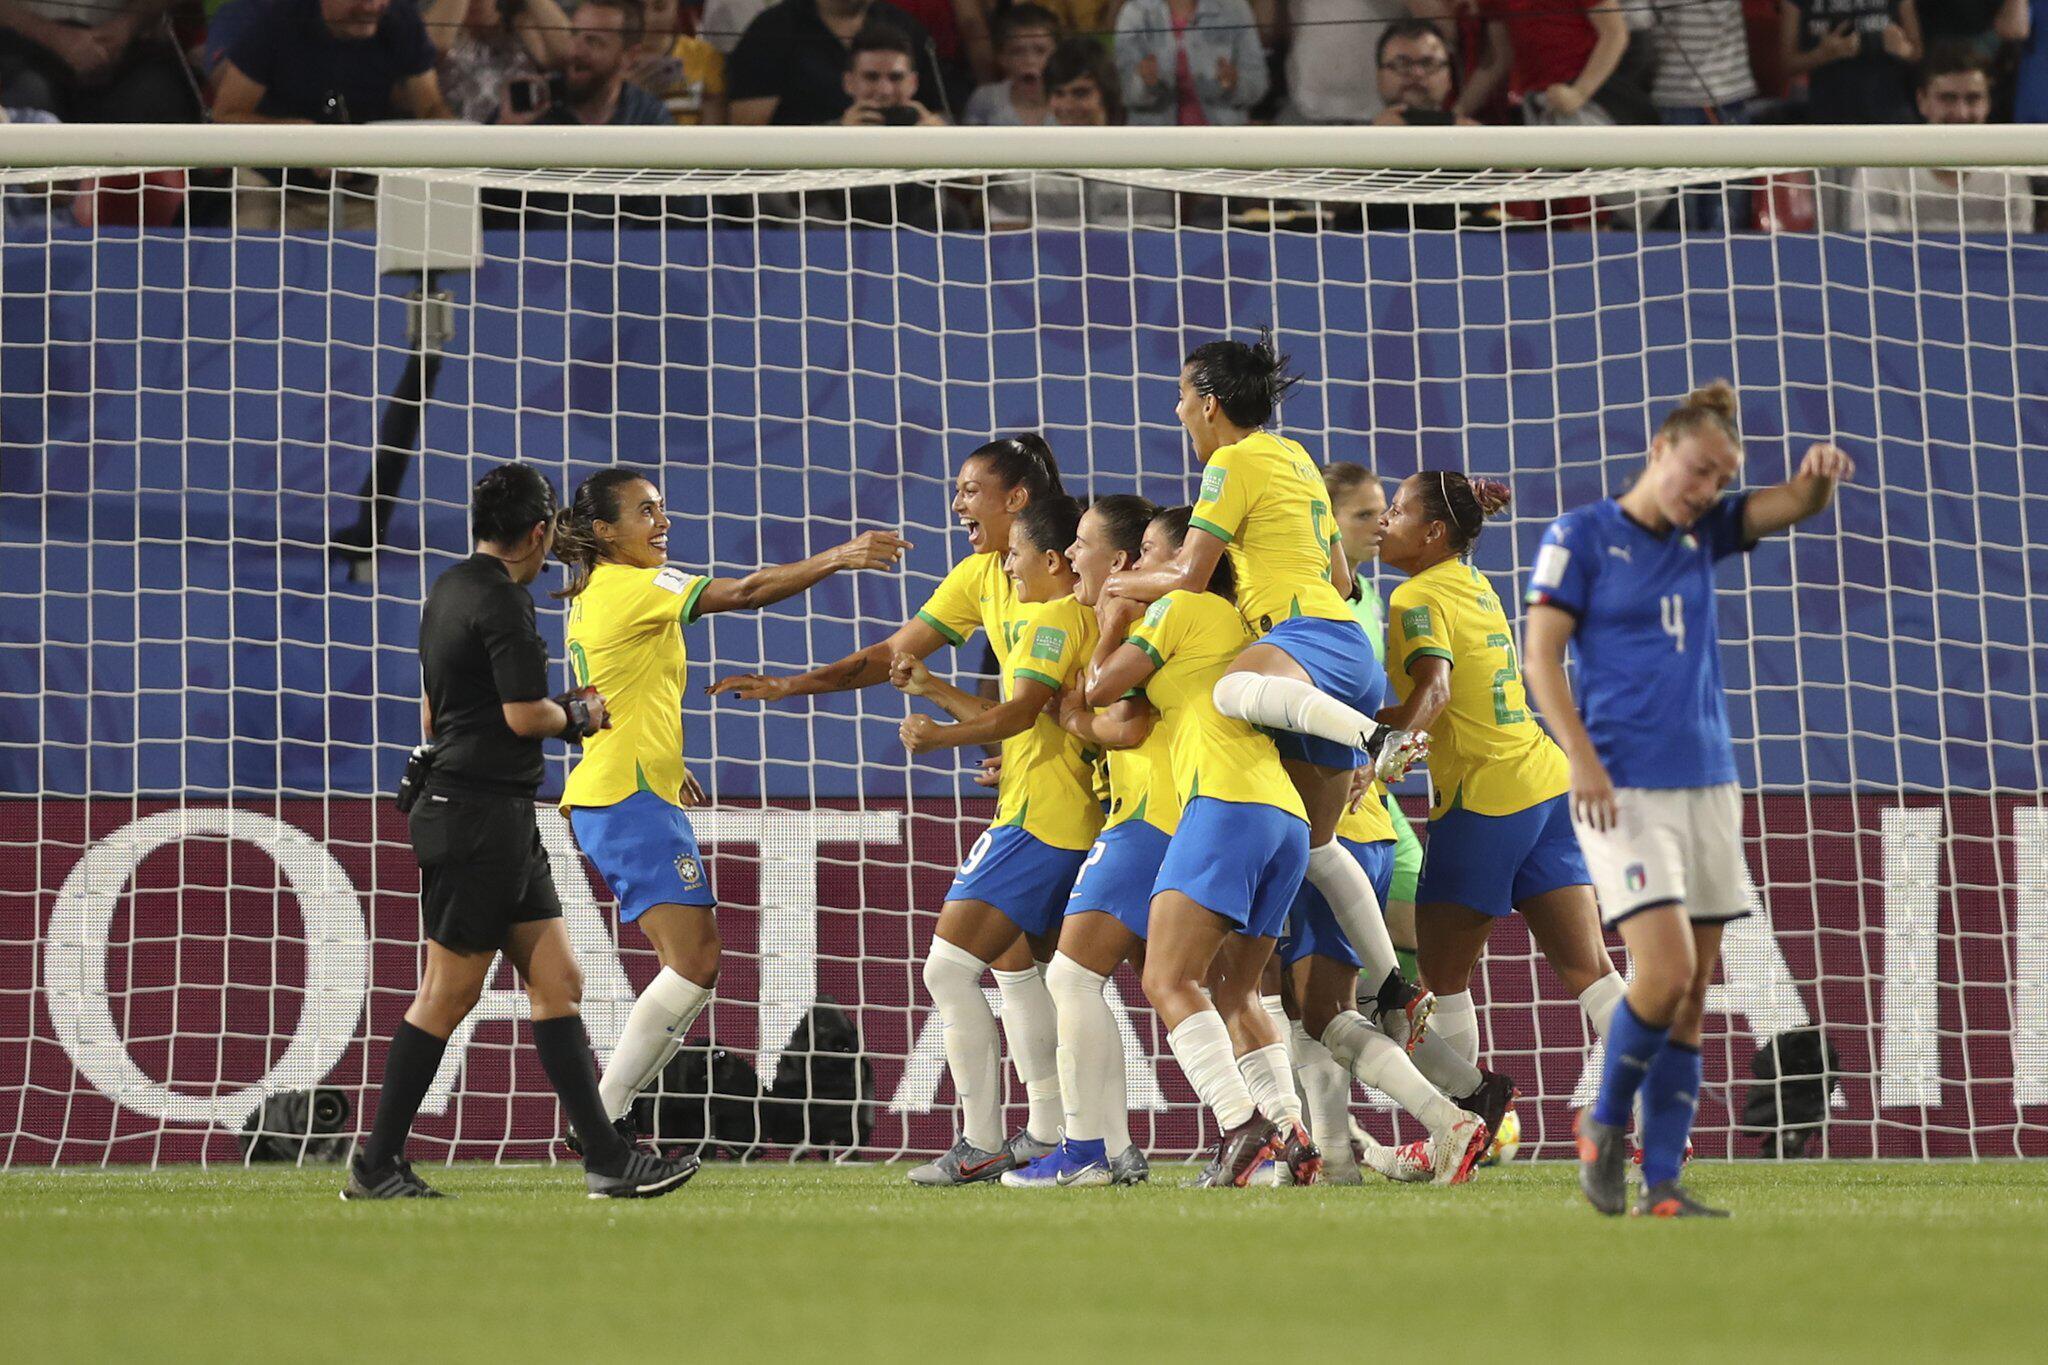 Bild zu Frauenfußball-WM -Italien - Brasilien